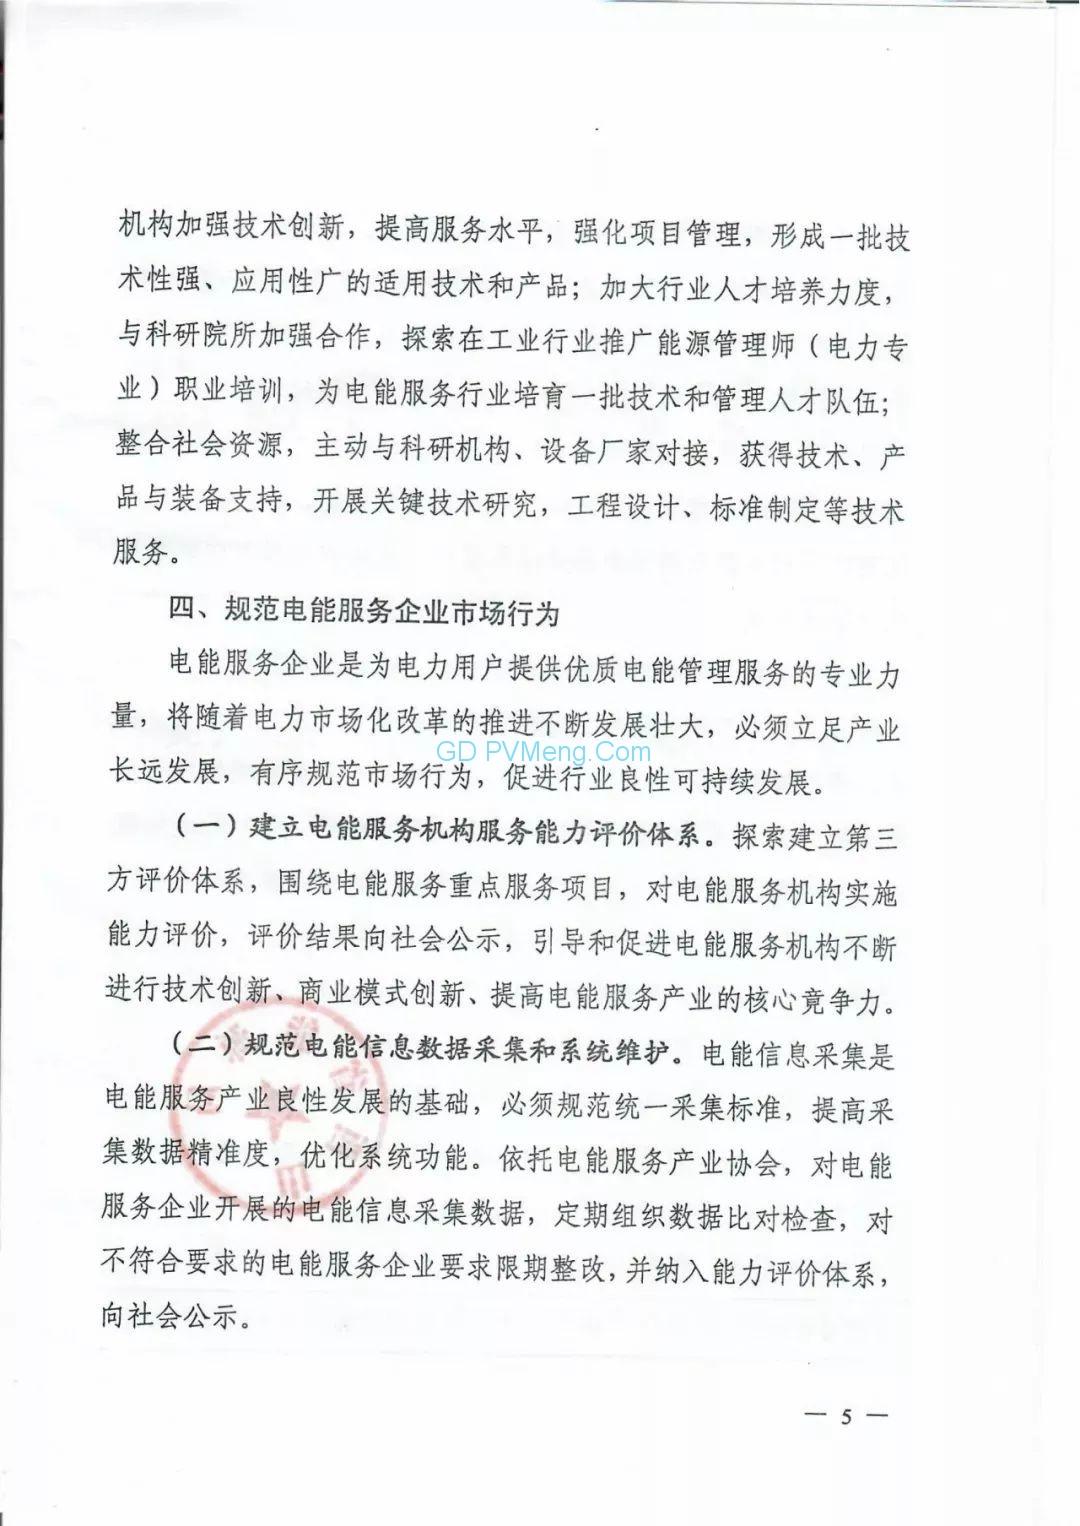 山西省能源局关于加快培育电能服务产业发展的通知(晋能源电力发〔2019〕294号)20190428